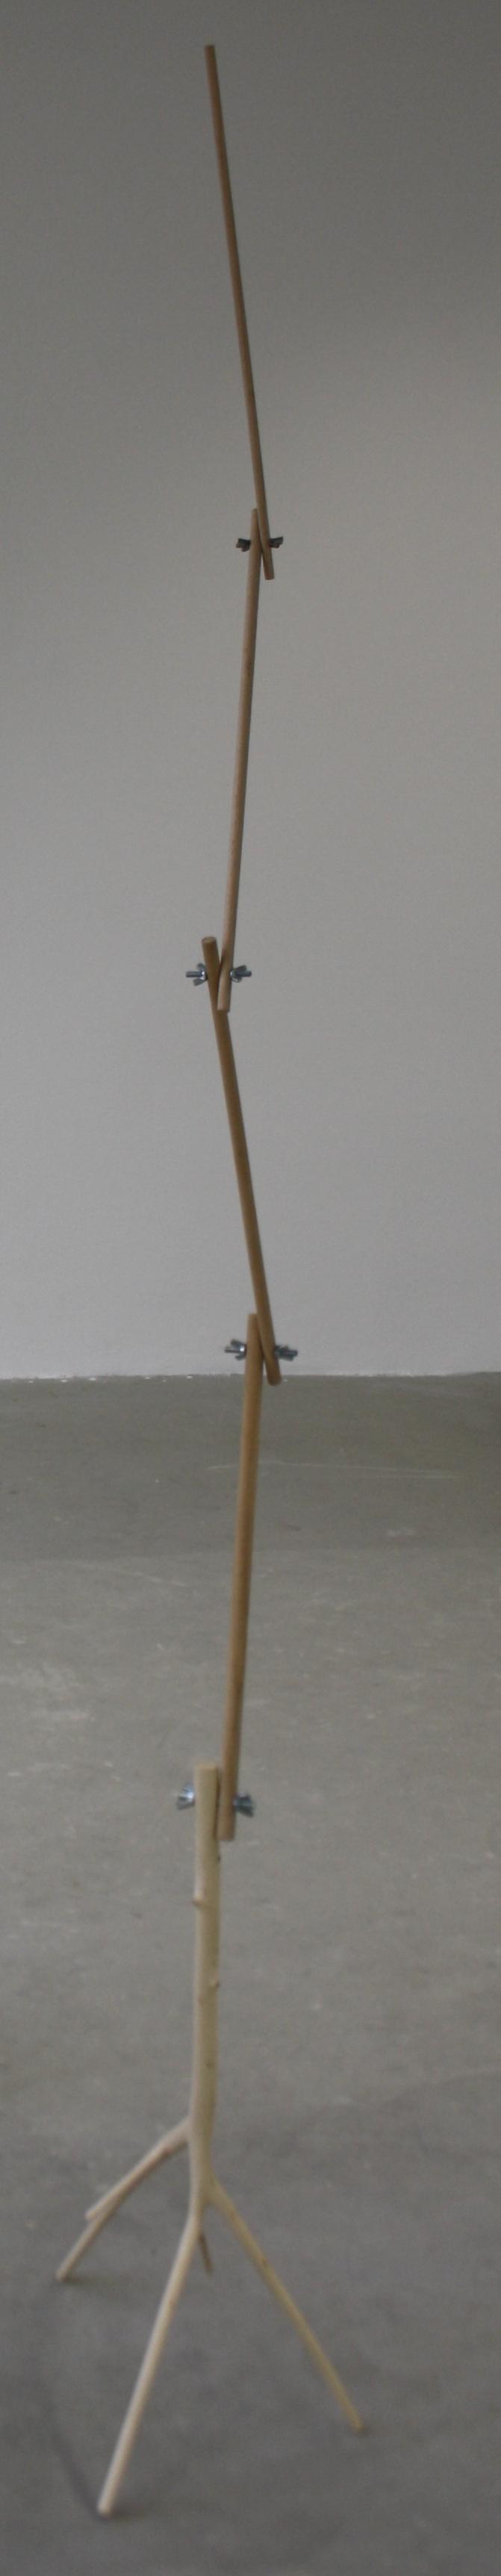 11. Tomáš Hlavina   Smysl   2001, dřevo, šrouby s křídlovými maticemi, 28 x 34 x 199 cm